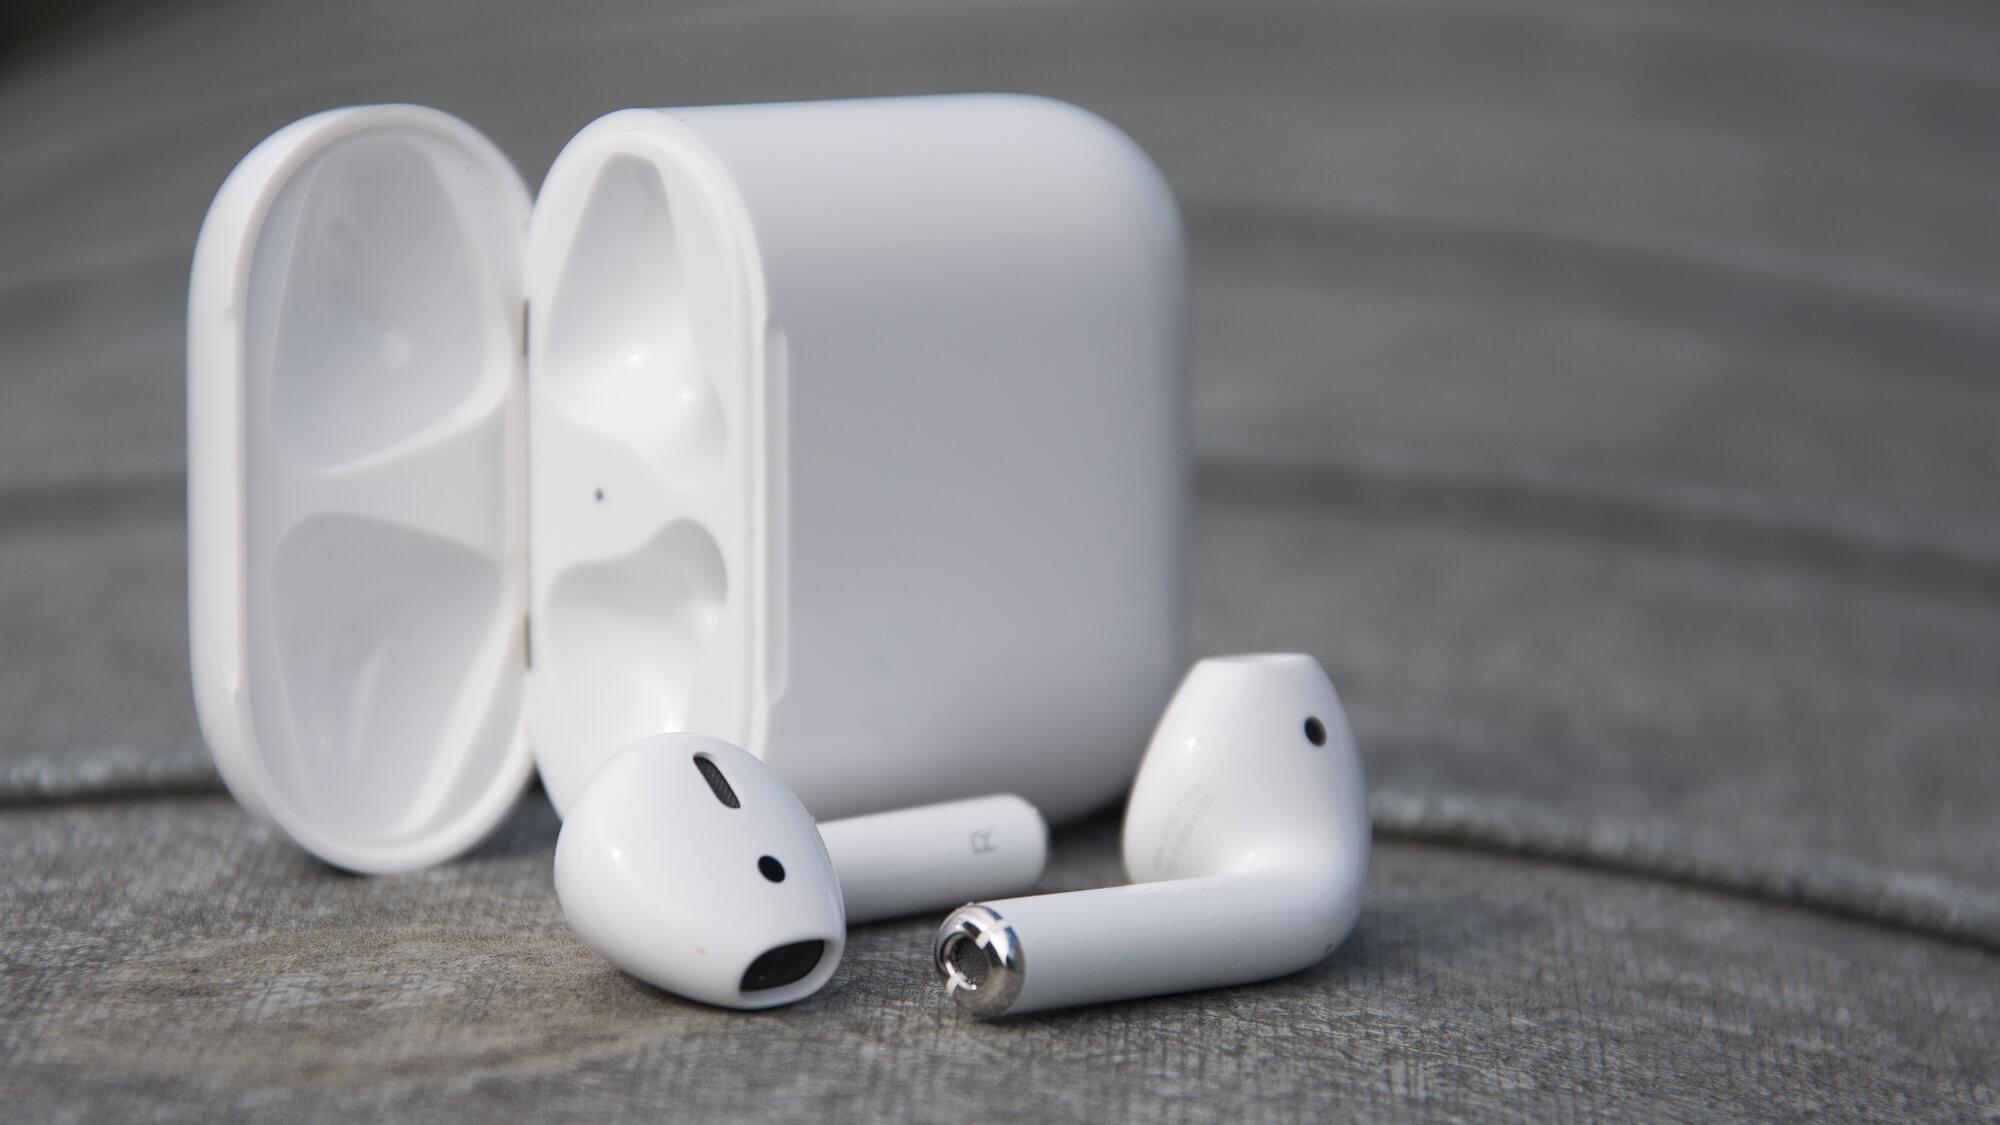 apple prodala 60 mln airpods za 2019 god